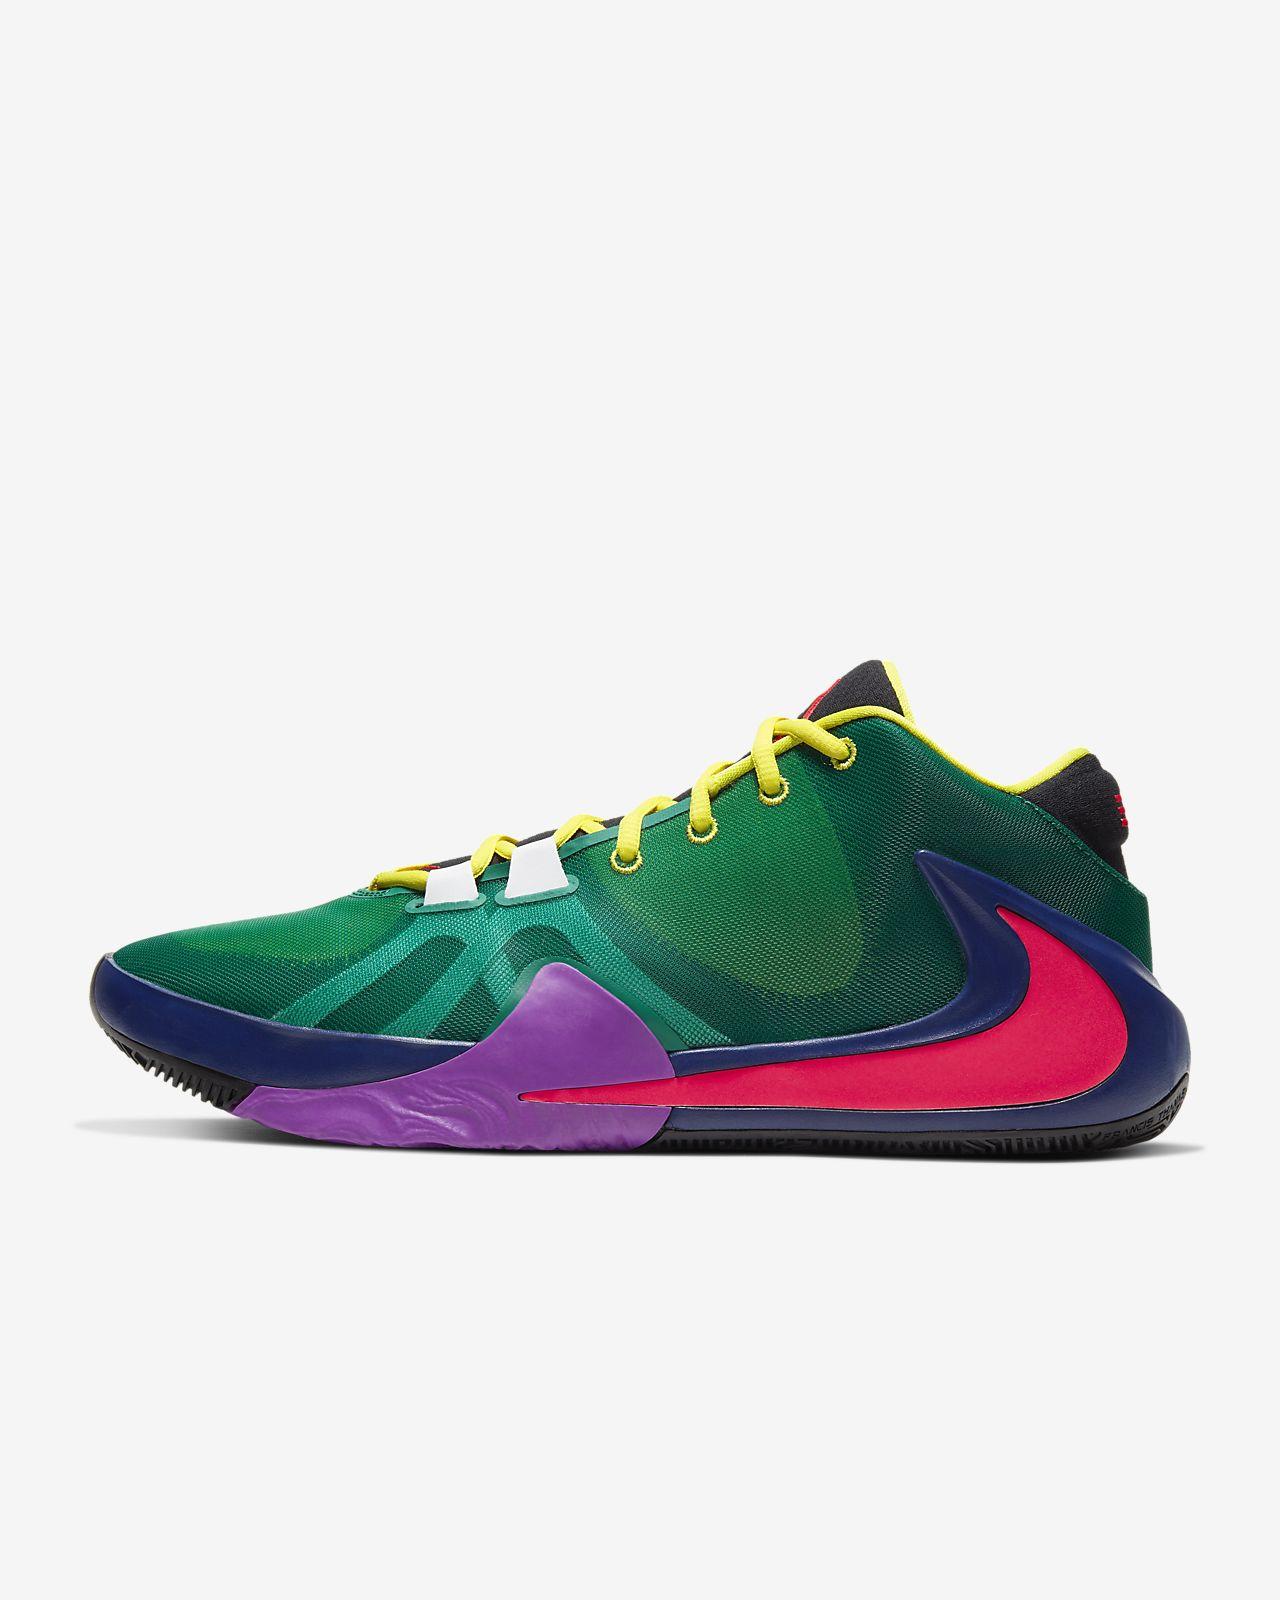 Chaussure de basketball Zoom Freak 1 Multi